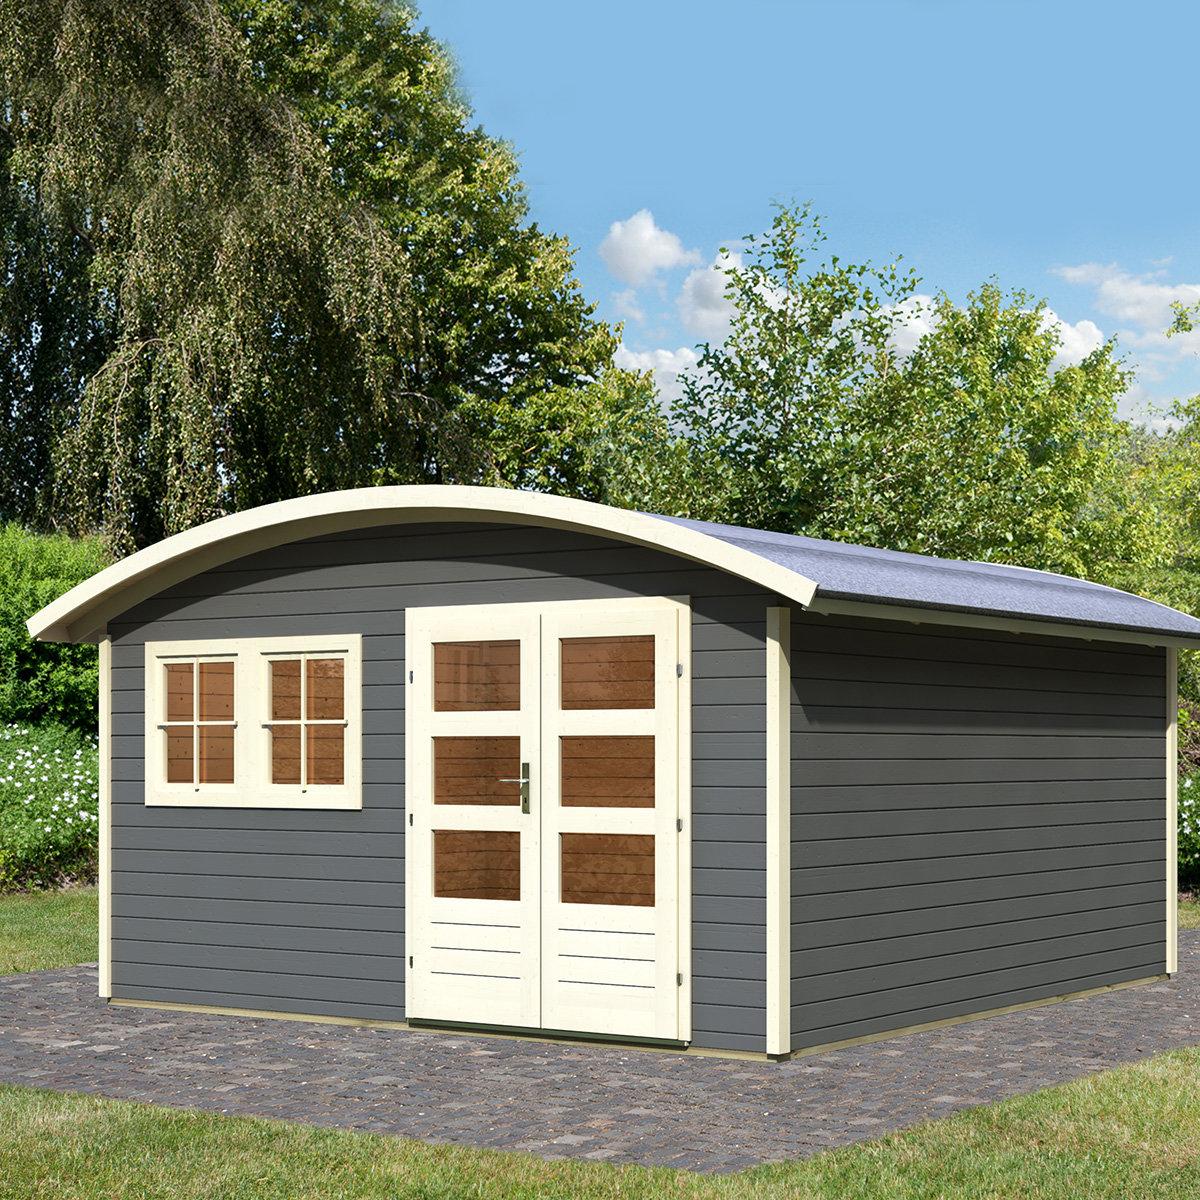 KARIBU Gartenhaus Friedland 3, grau, 28 mm